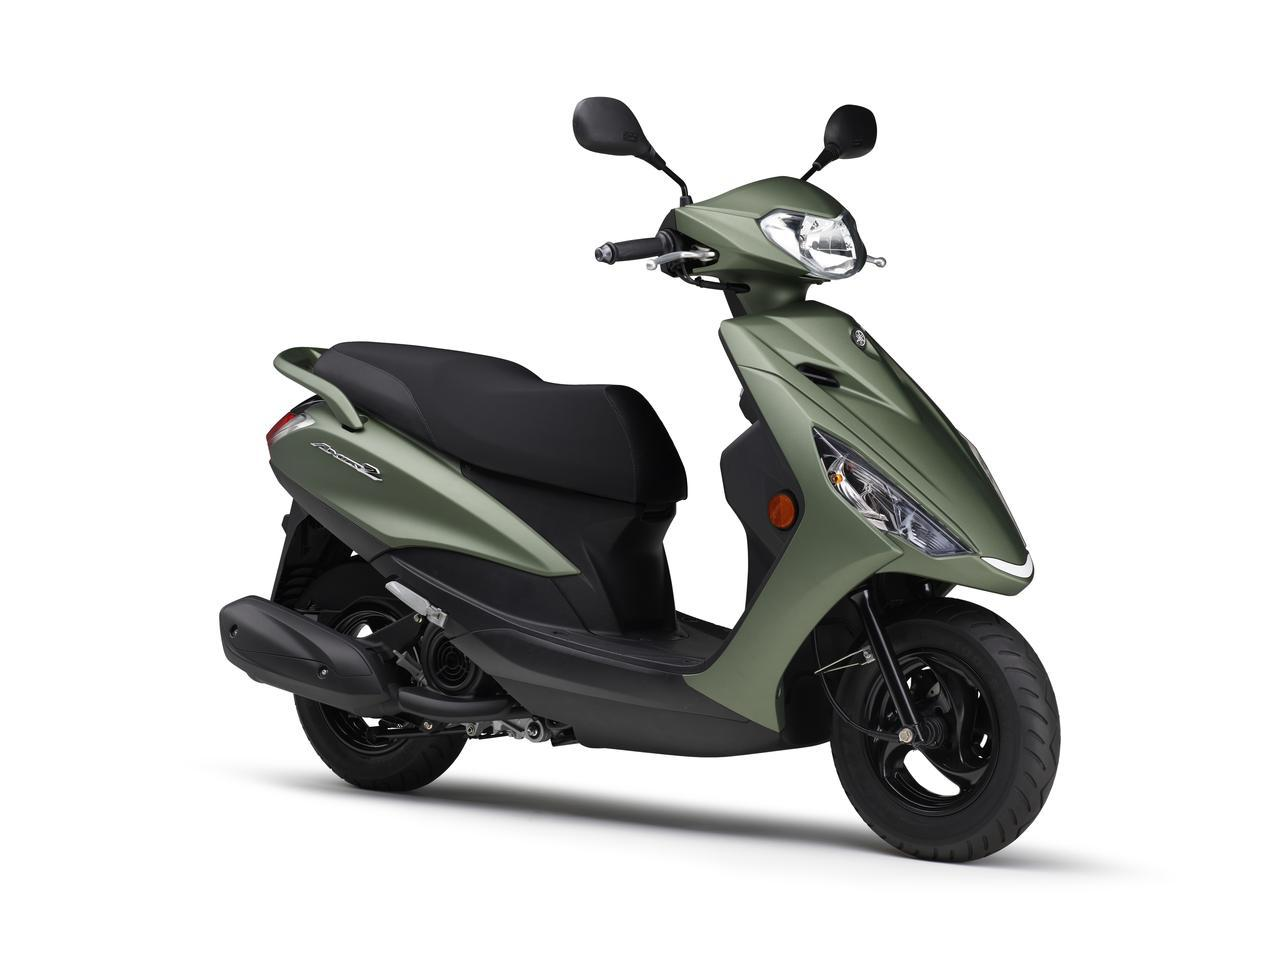 ヤマハが125ccスクーター「アクシスZ」の2021年モデルを発表! カラーは全5色設定で2月5日に発売